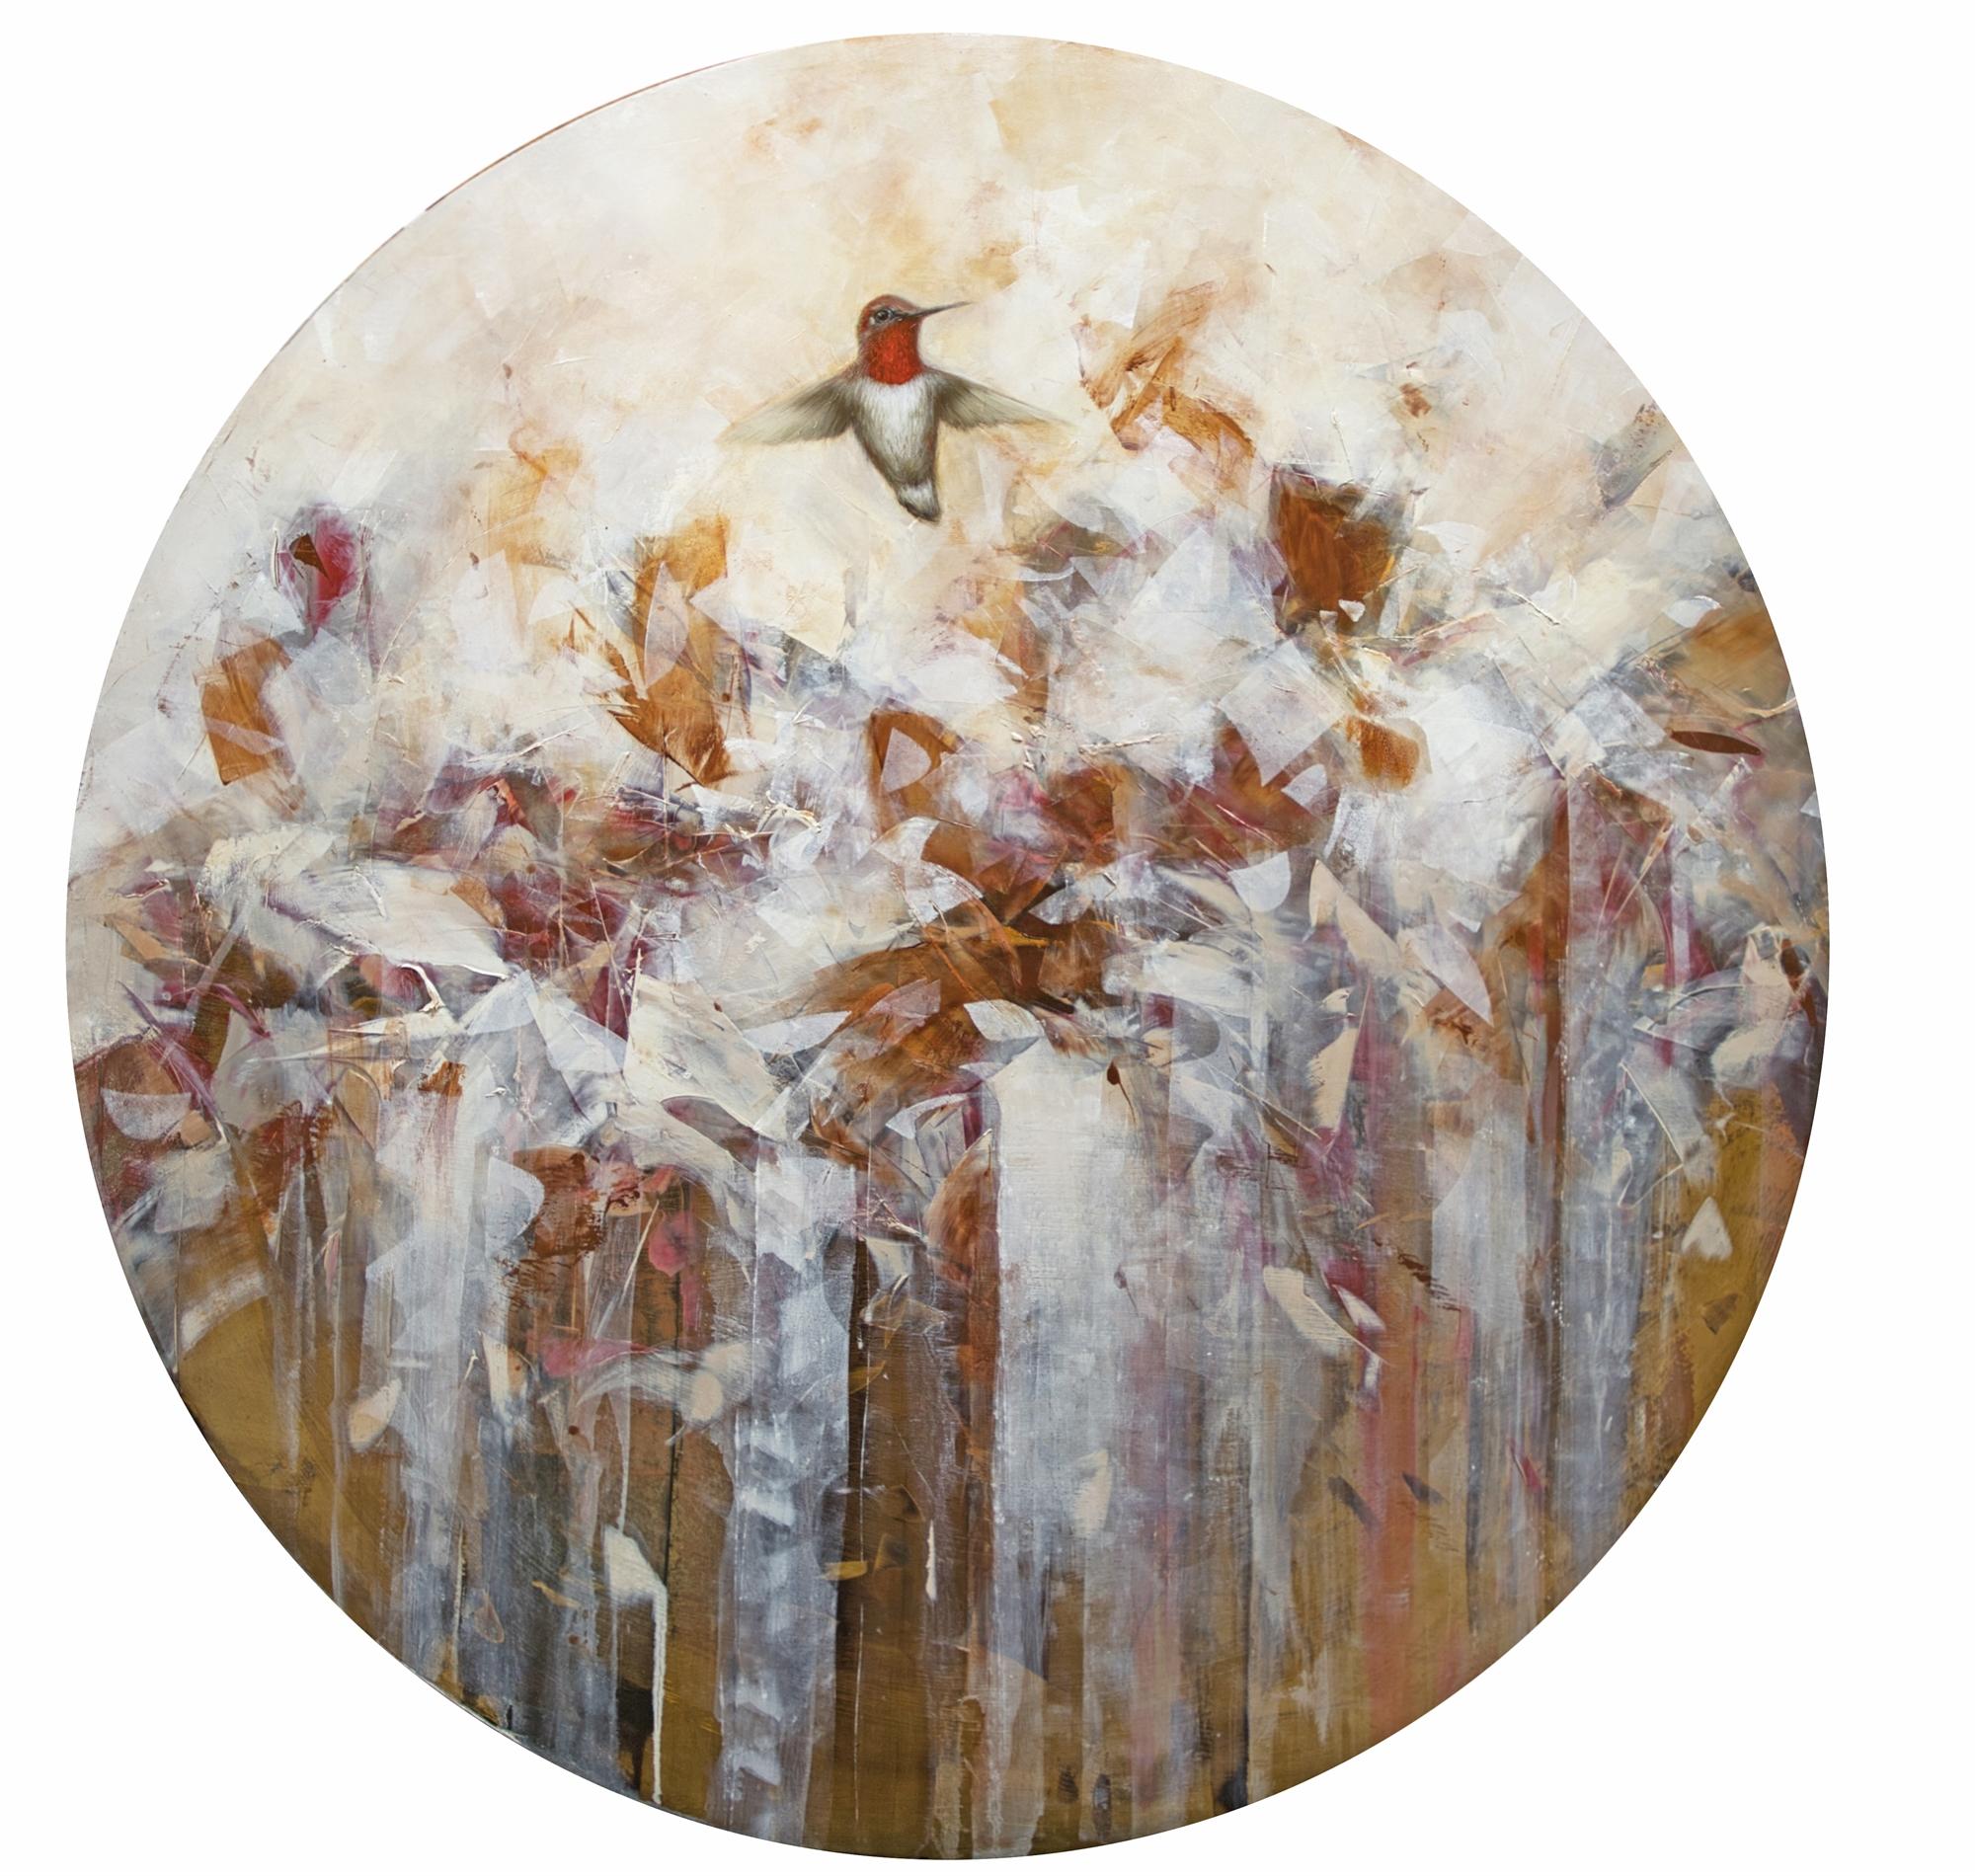 Golden Bloom II by Jessica Pisano